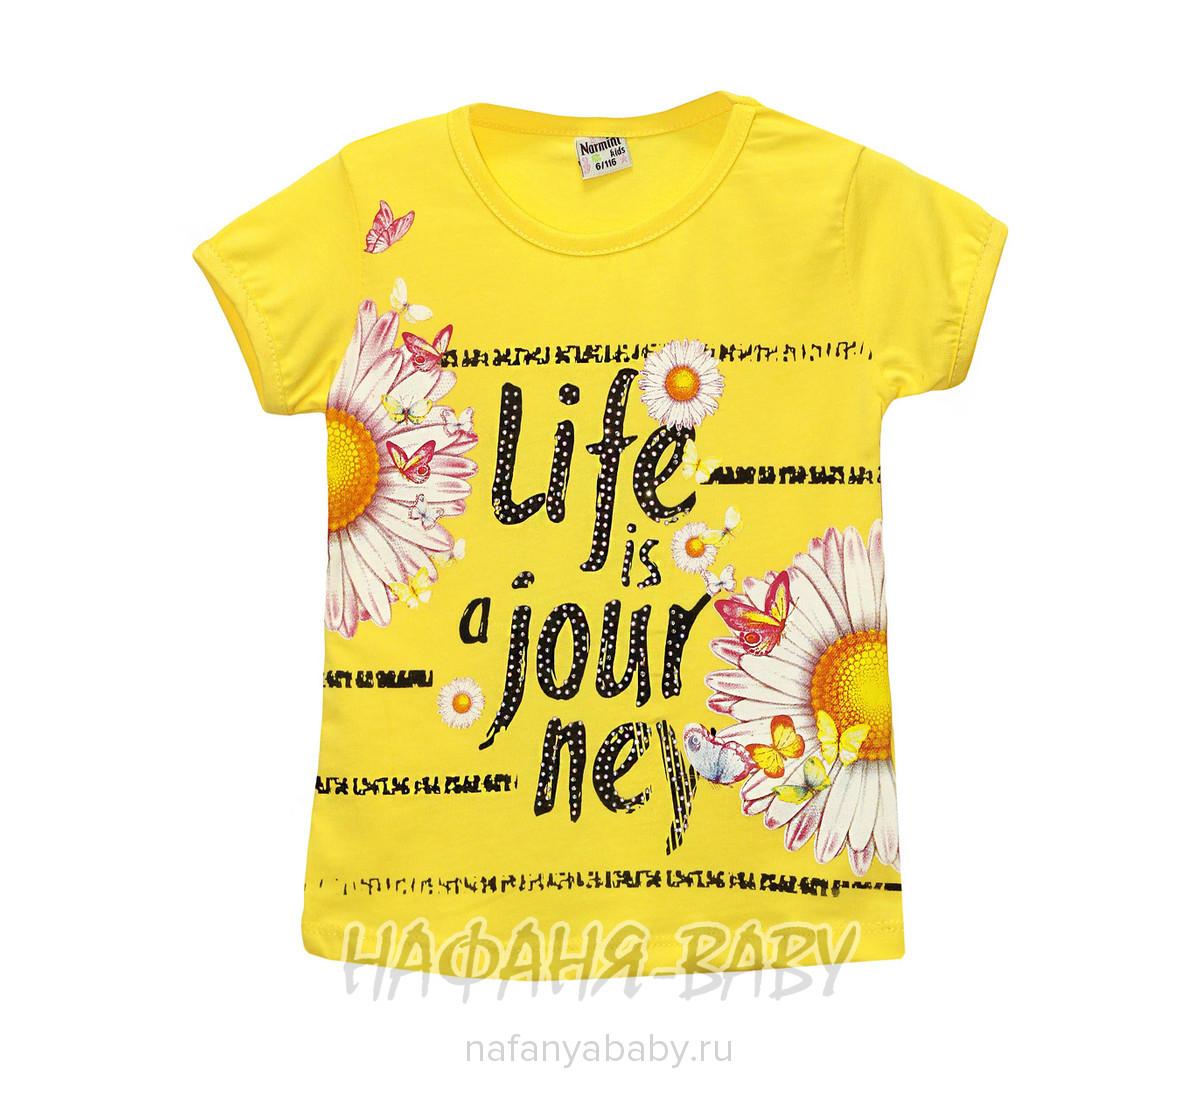 Детская футболка NARMINI арт: 4656, 1-4 года, 5-9 лет, цвет розовый, оптом Турция